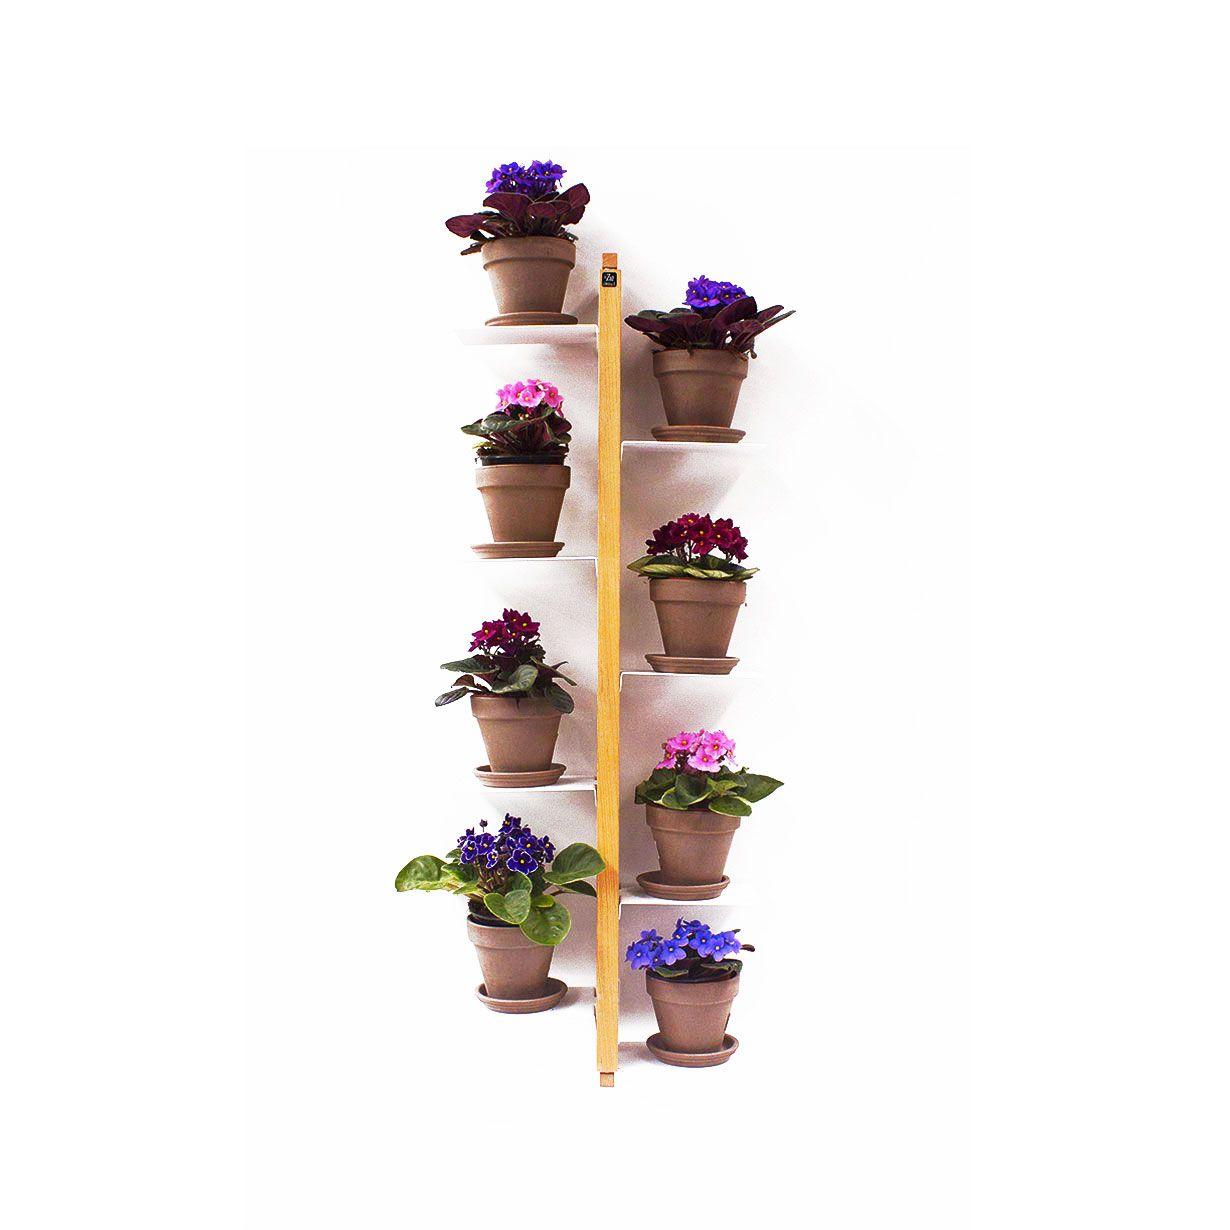 Zia Flora e' un porta vasi verticale che puo' essere fissato sospeso a parete. Le mensole sono alternate sulle due facce del sostegno e intercalate ad altezze variabili di 15cm. Struttura, basamento e testata sono in massello di faggio naturale o tinto nero. Le mensole sono in acciaio verniciato con polveri epossidiche di colore bianco. Sia la ceratura per i modelli in faggio naturale che la ceratura e la tinta per i modelli in nero impiegano solo prodotti all'acqua, naturali e privi di…